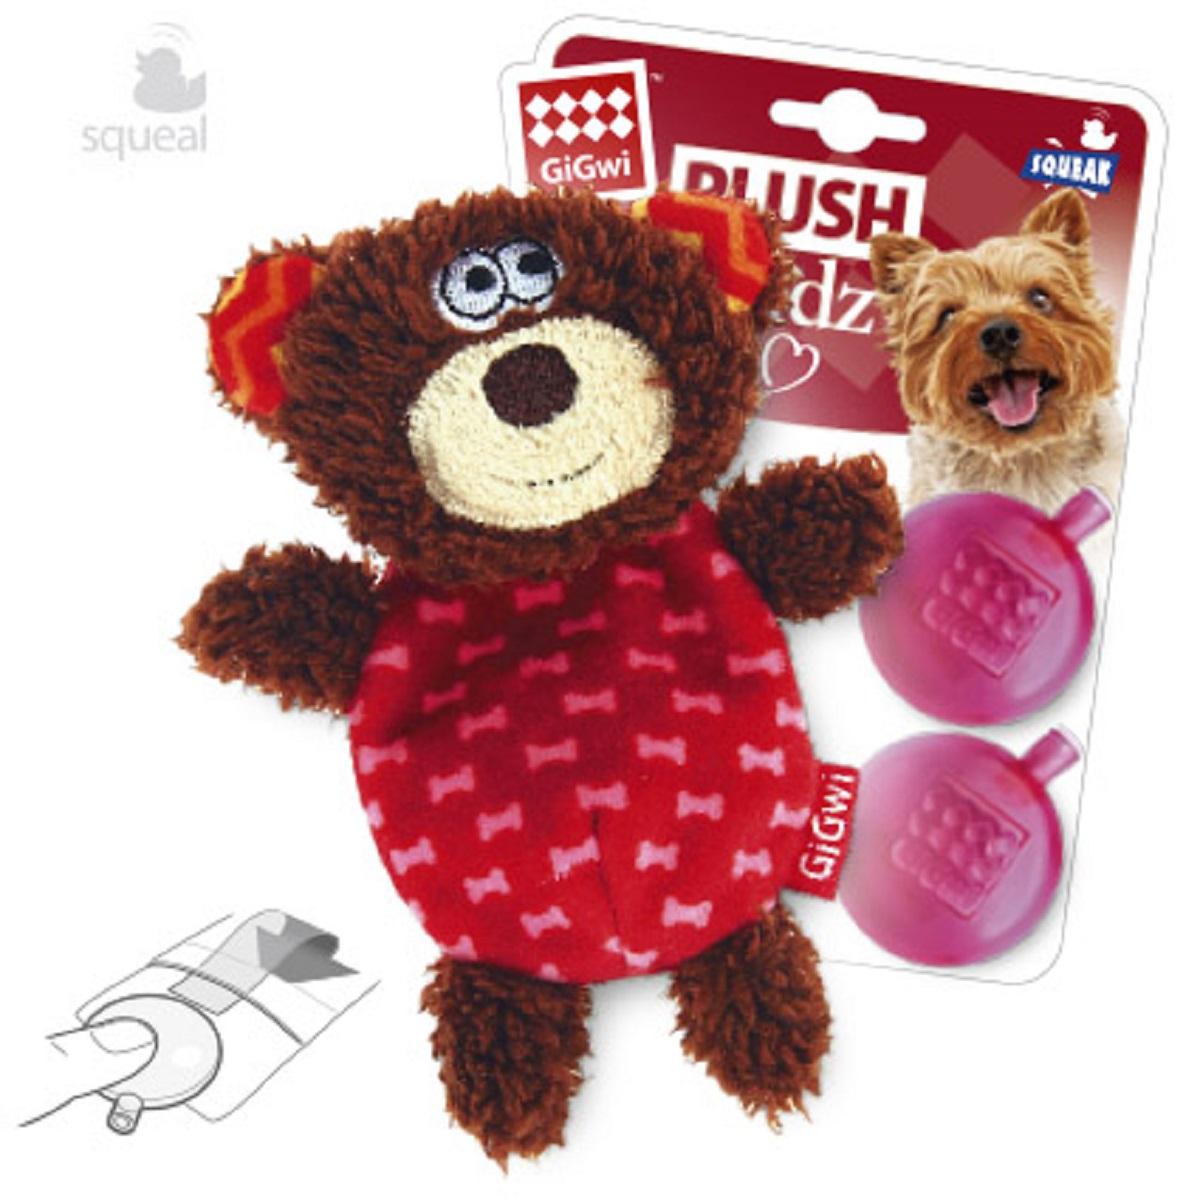 Игрушка для собак GiGwi Мишка с пищалкой, 13 см0120710Мишка с пищалкой (плюс 2 запасные пищалки). Размер: 13 см. Ткань.